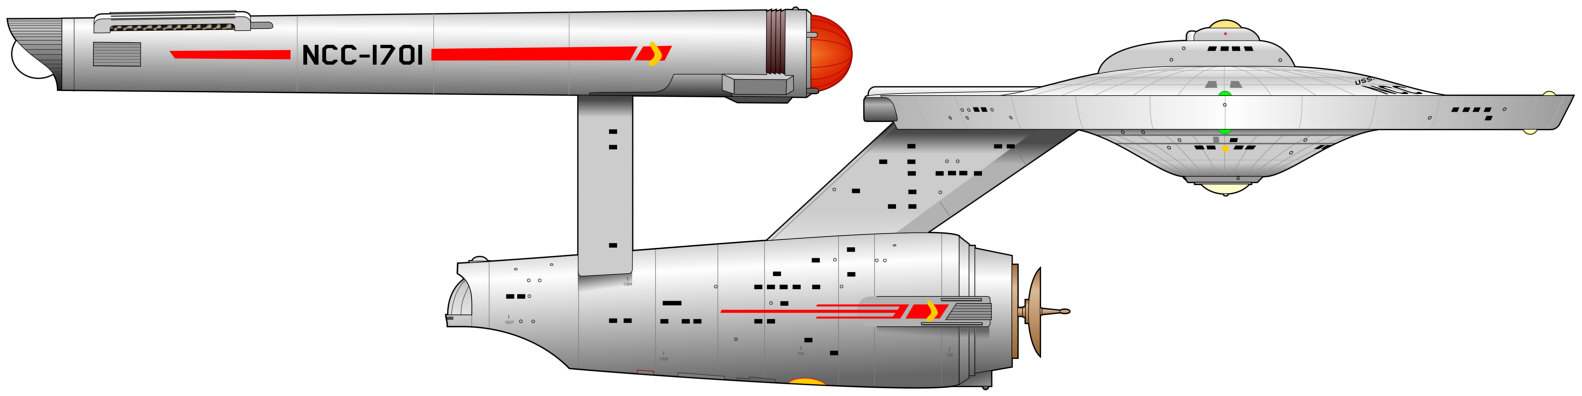 Ex Astris Scientia - TOS Era Ships (2200-2260)